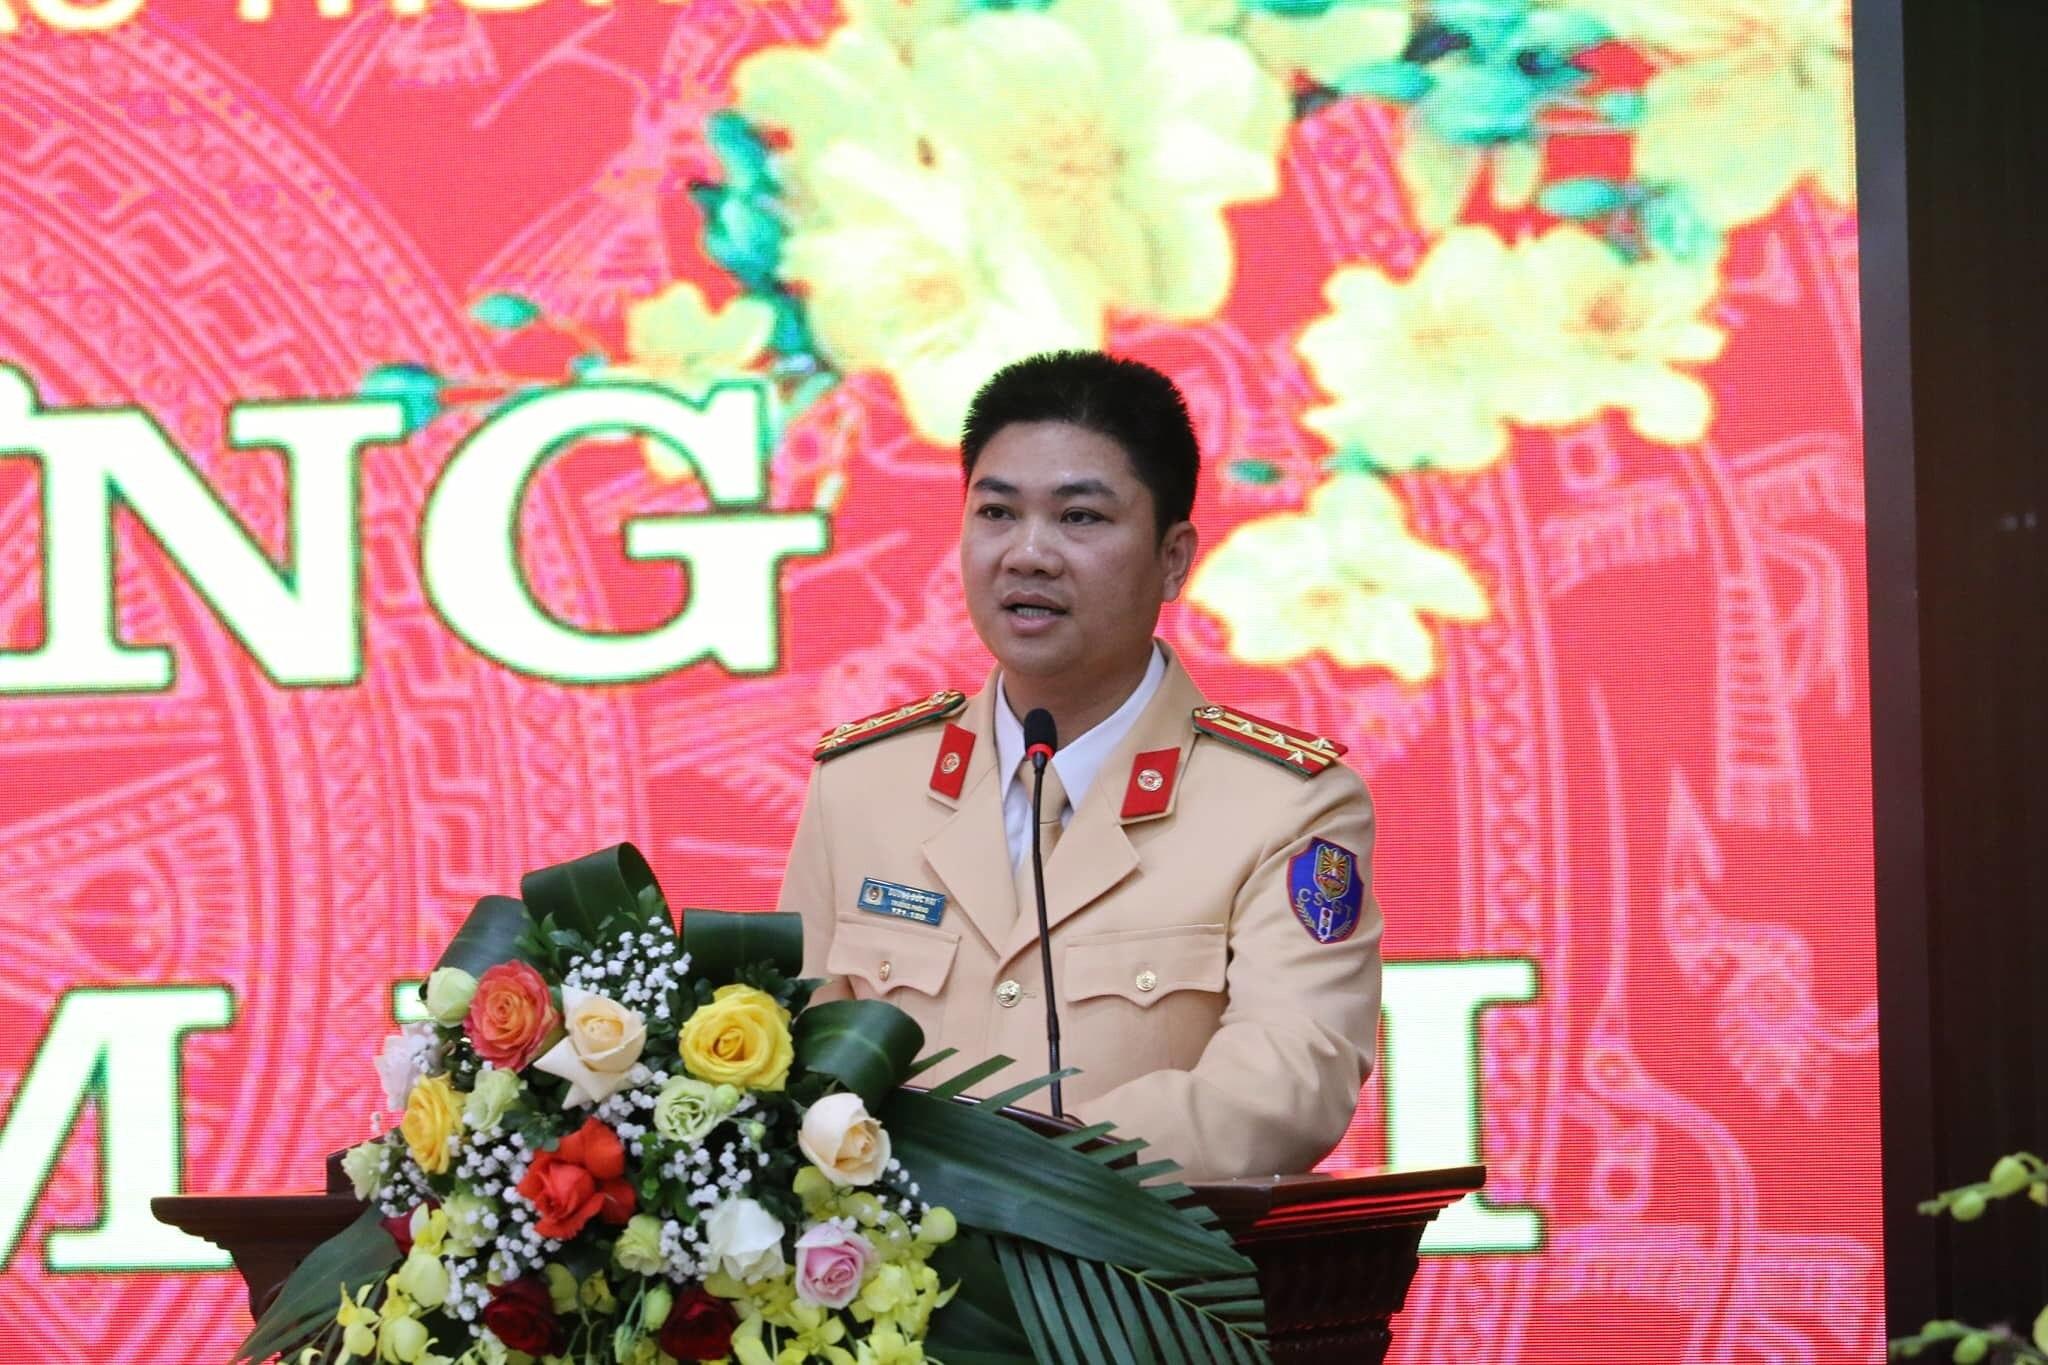 30 tổ cảnh sát 141 chốt trực suốt ngày đêm khắp địa bàn Hà Nội - 2